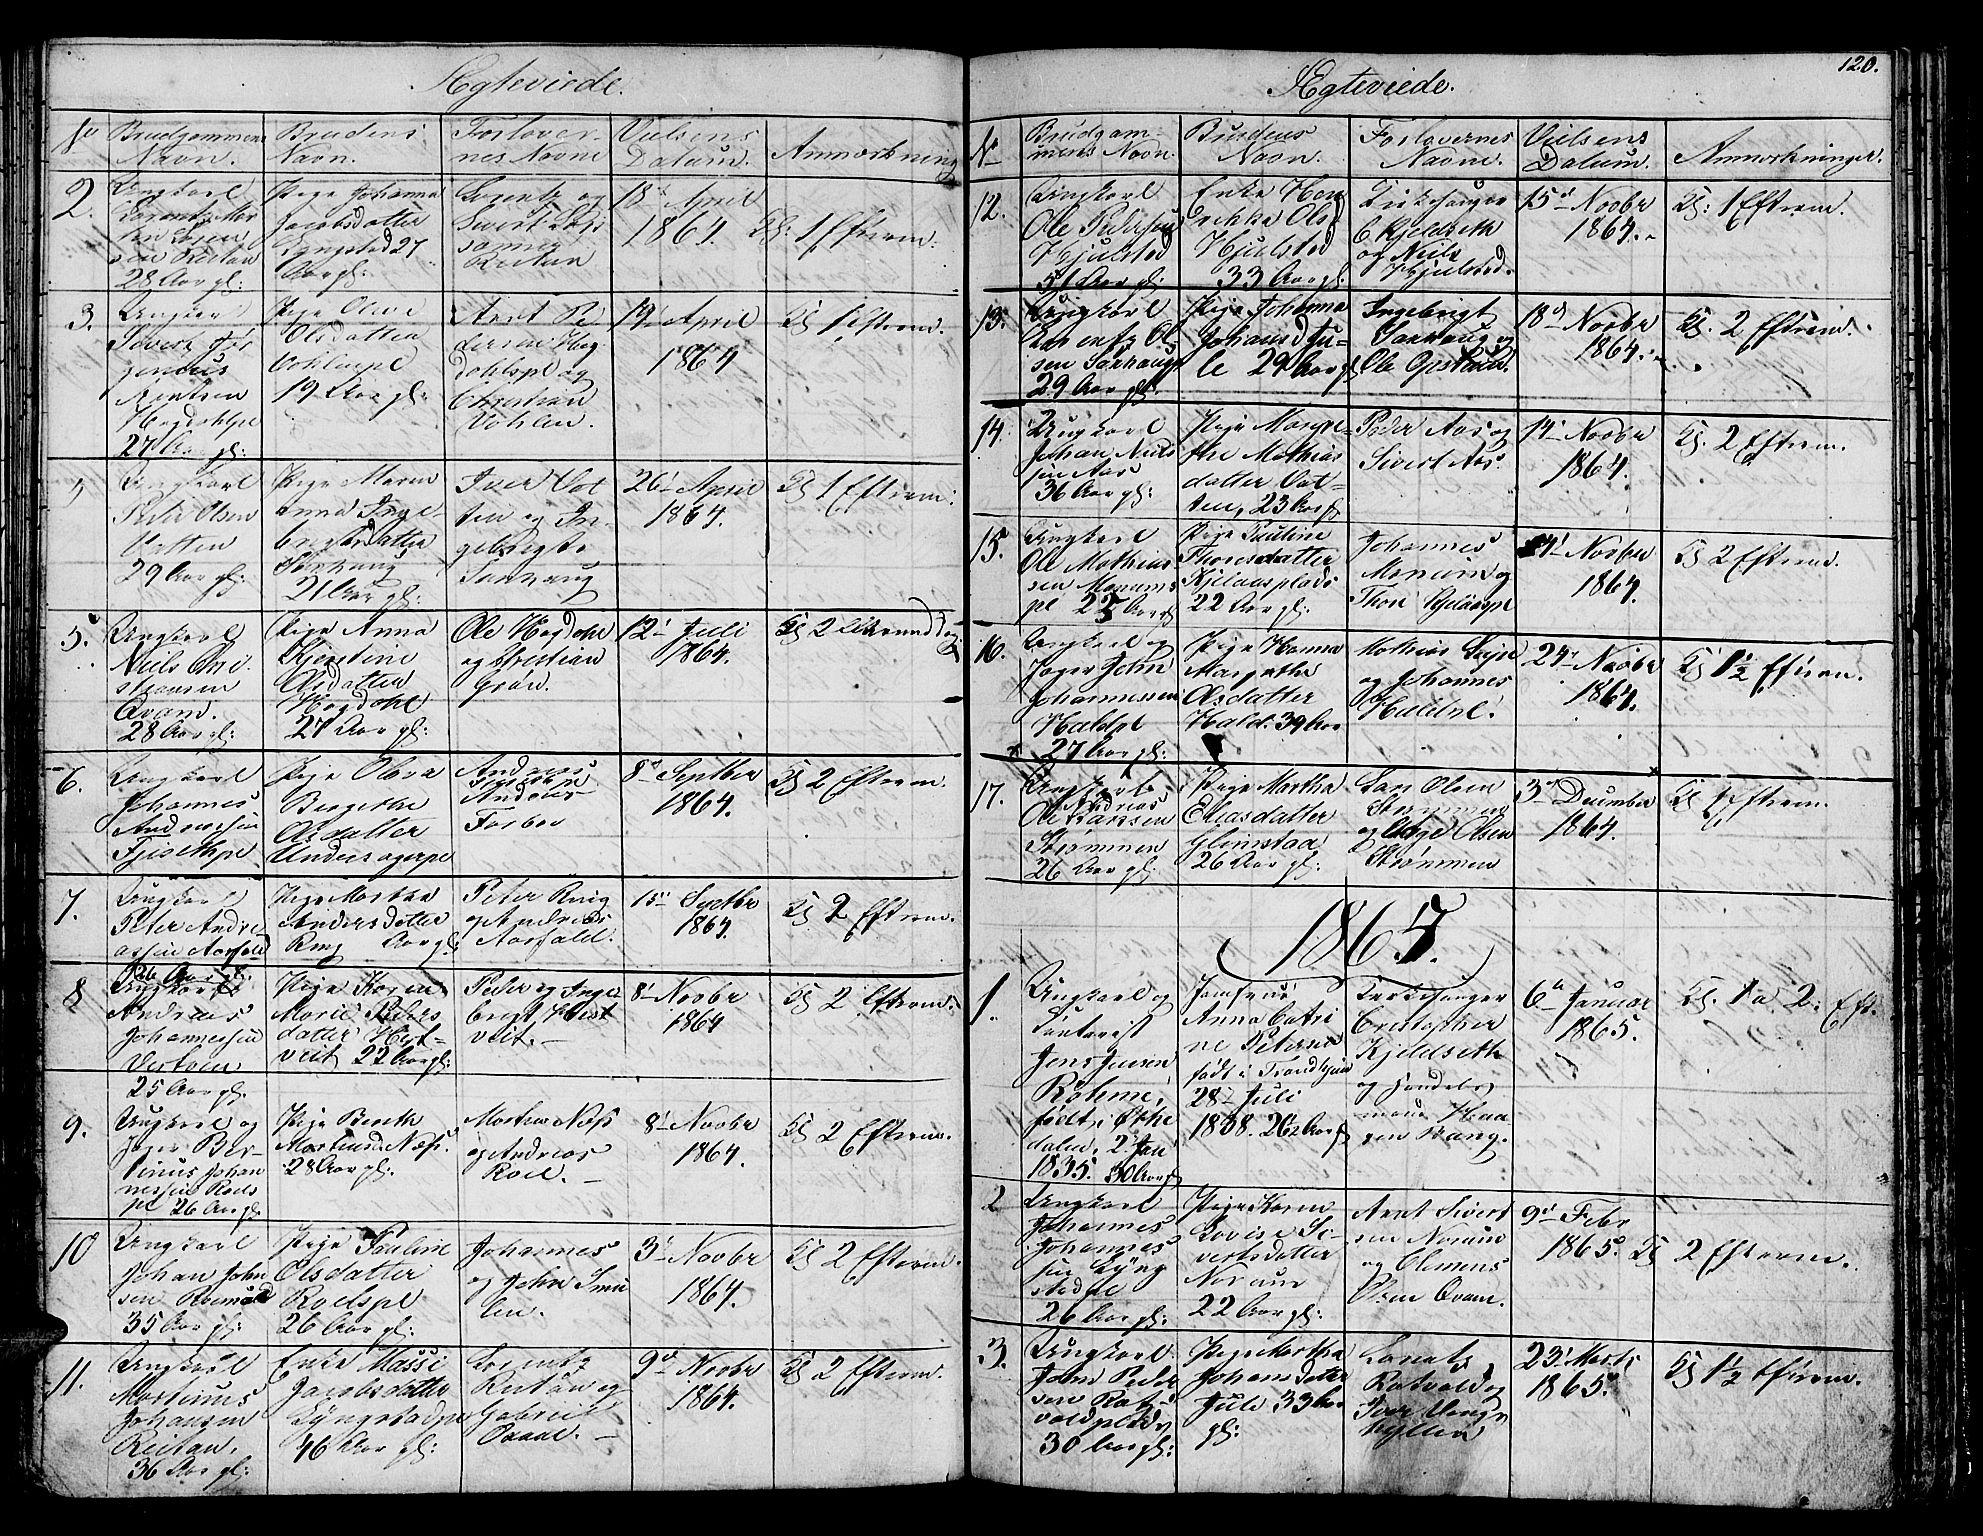 SAT, Ministerialprotokoller, klokkerbøker og fødselsregistre - Nord-Trøndelag, 730/L0299: Klokkerbok nr. 730C02, 1849-1871, s. 120